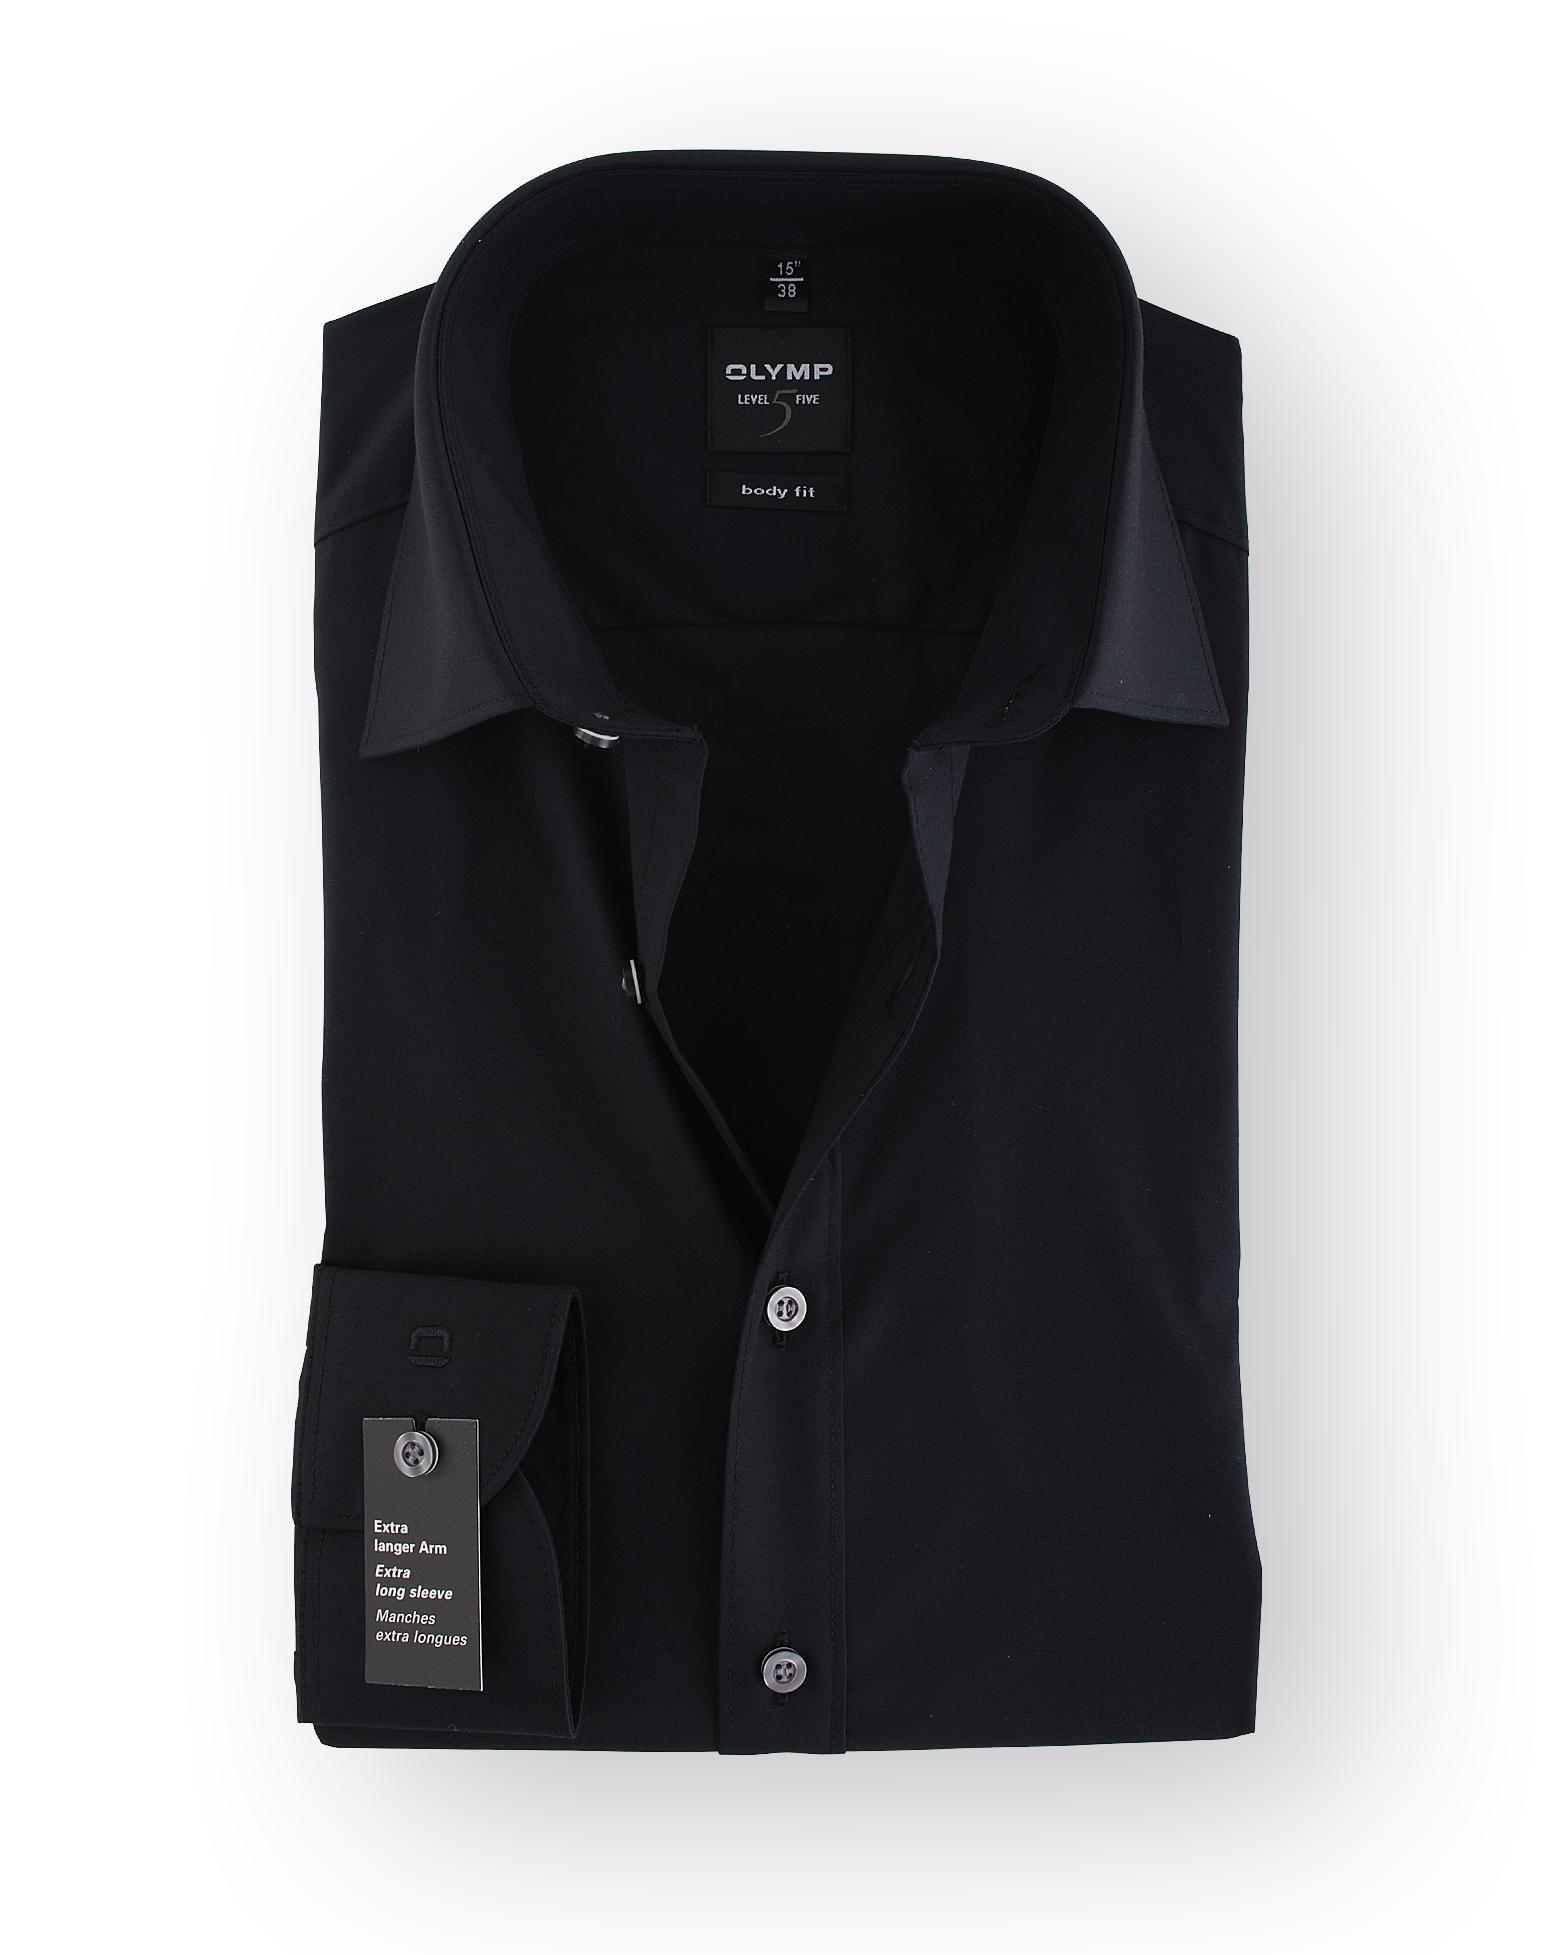 olymp overhemd sl7 zwart body fit. Black Bedroom Furniture Sets. Home Design Ideas